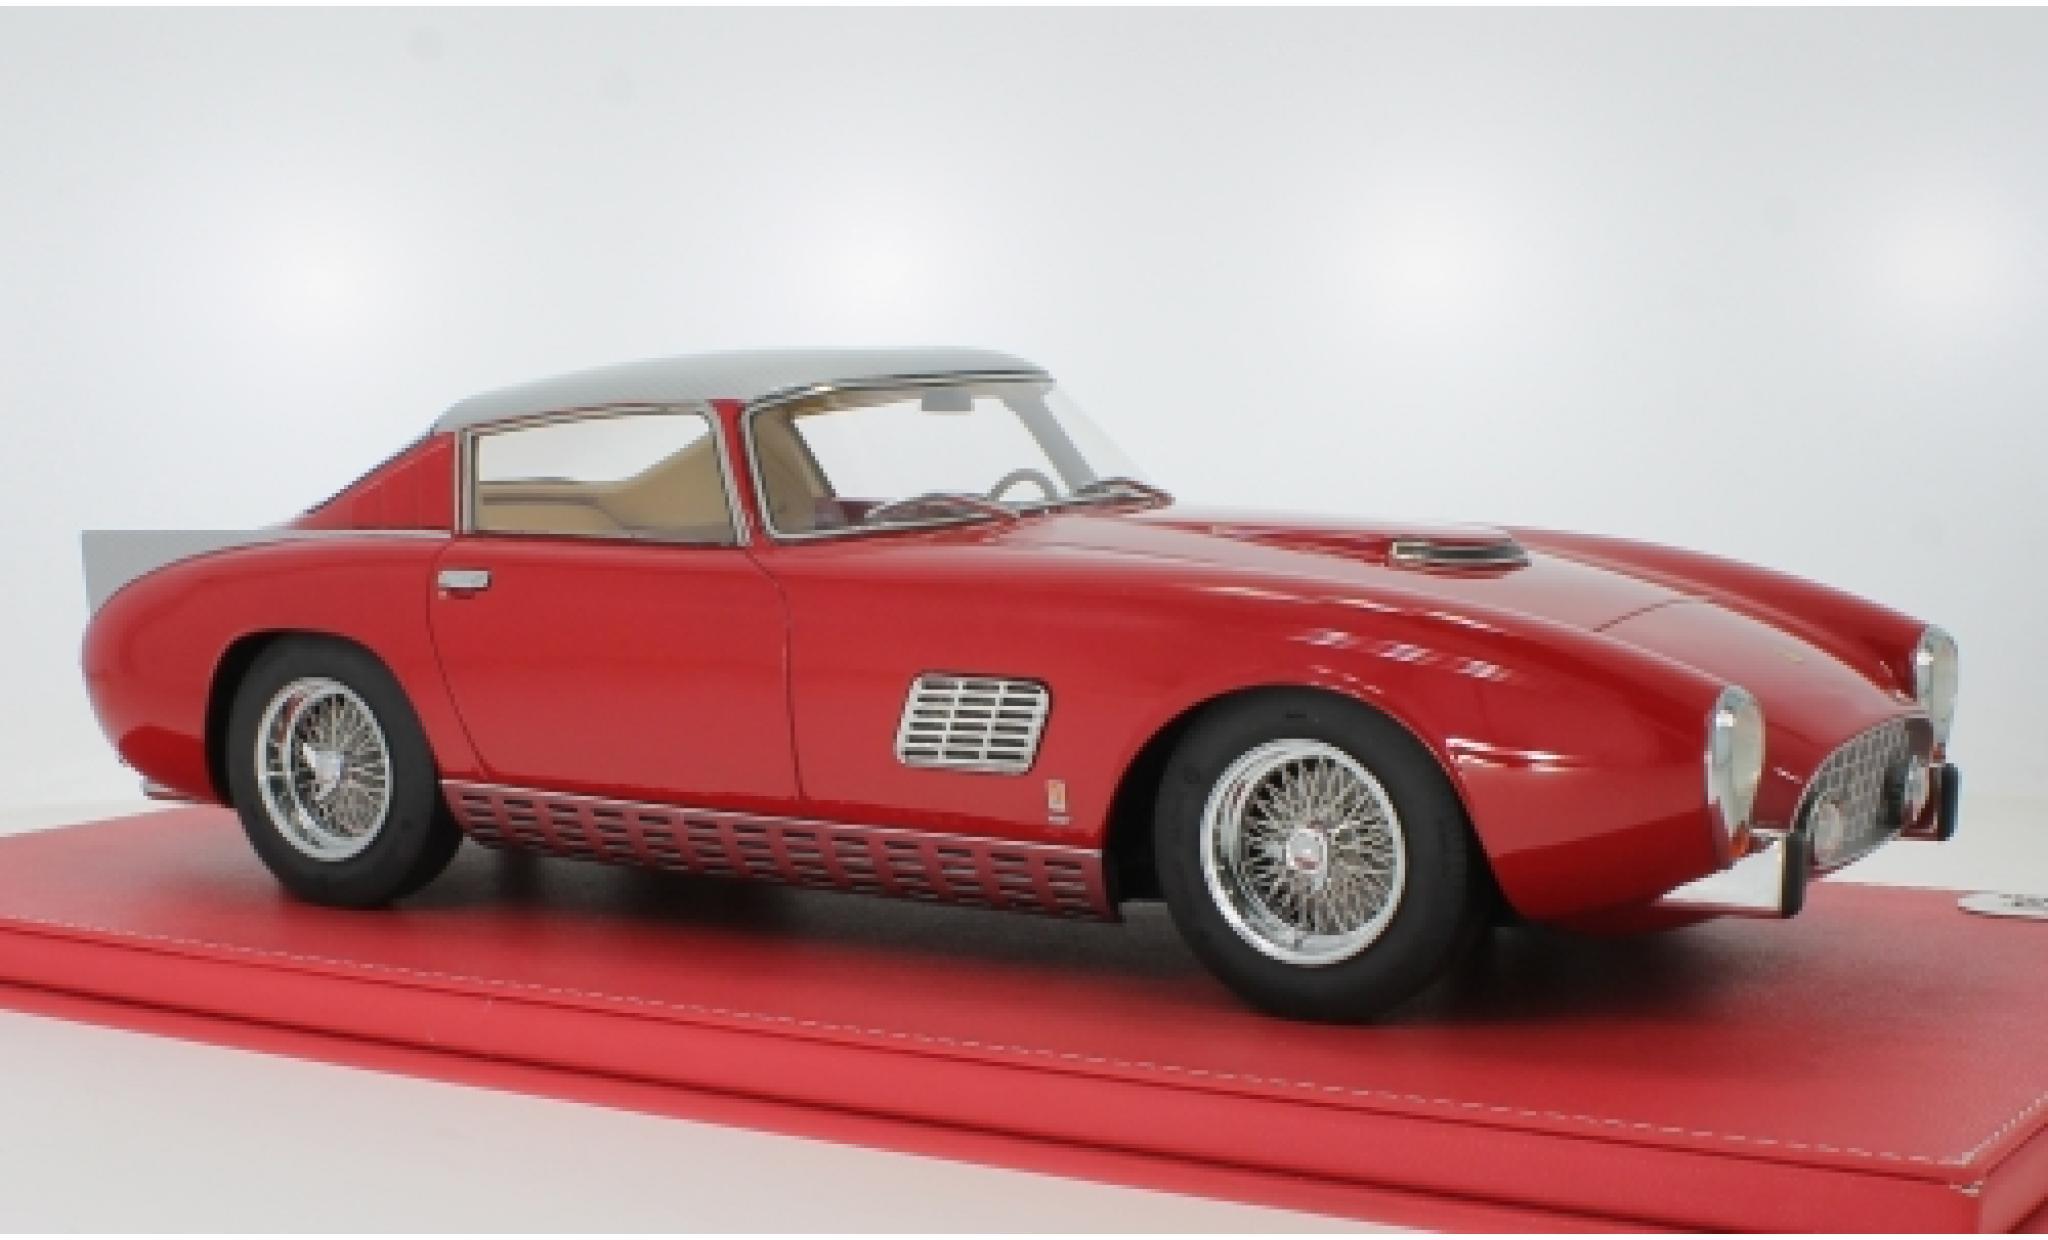 Ferrari 410 1/12 Vip Scale Models Superamerica Scaglietti Coupe red/grey 1957 im Koffer